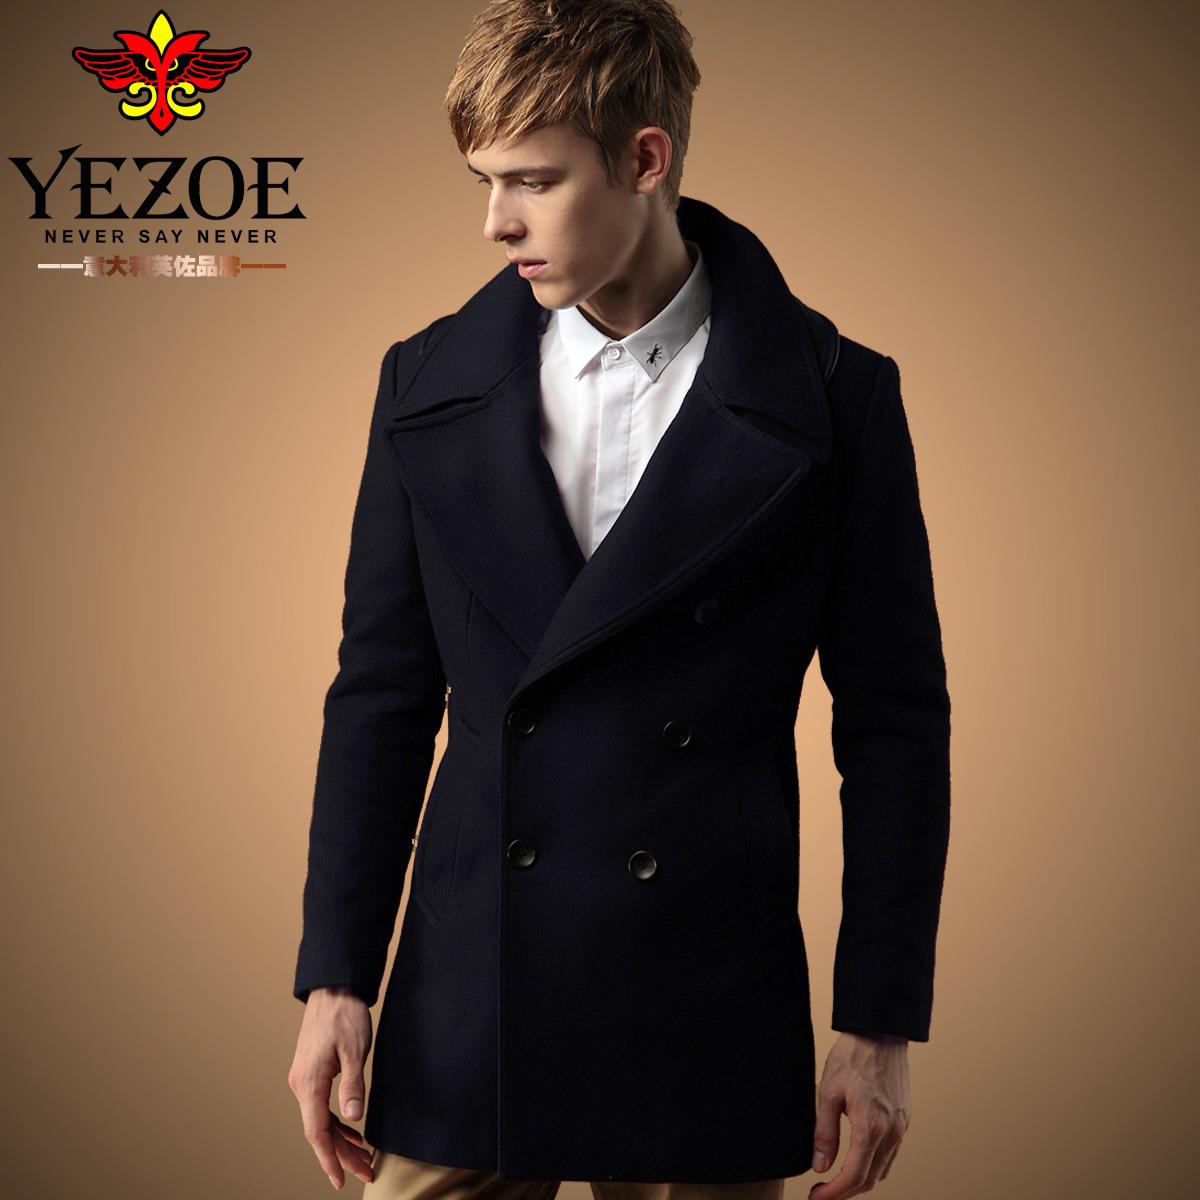 Пальто мужское Yezoe yz14401040 2015